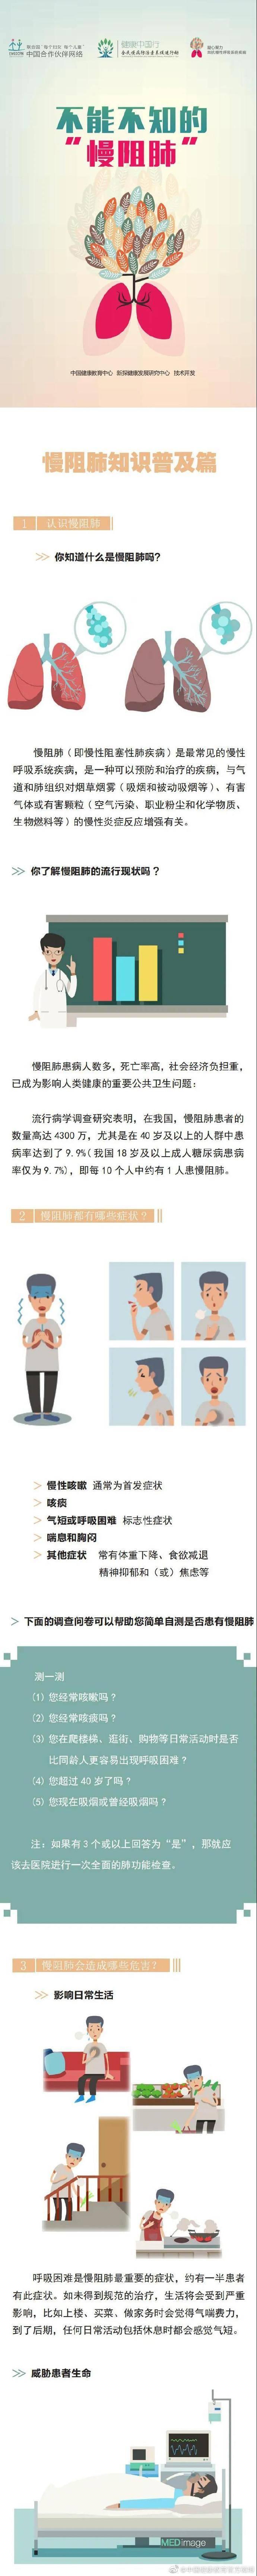 慢阻肺知识普及篇